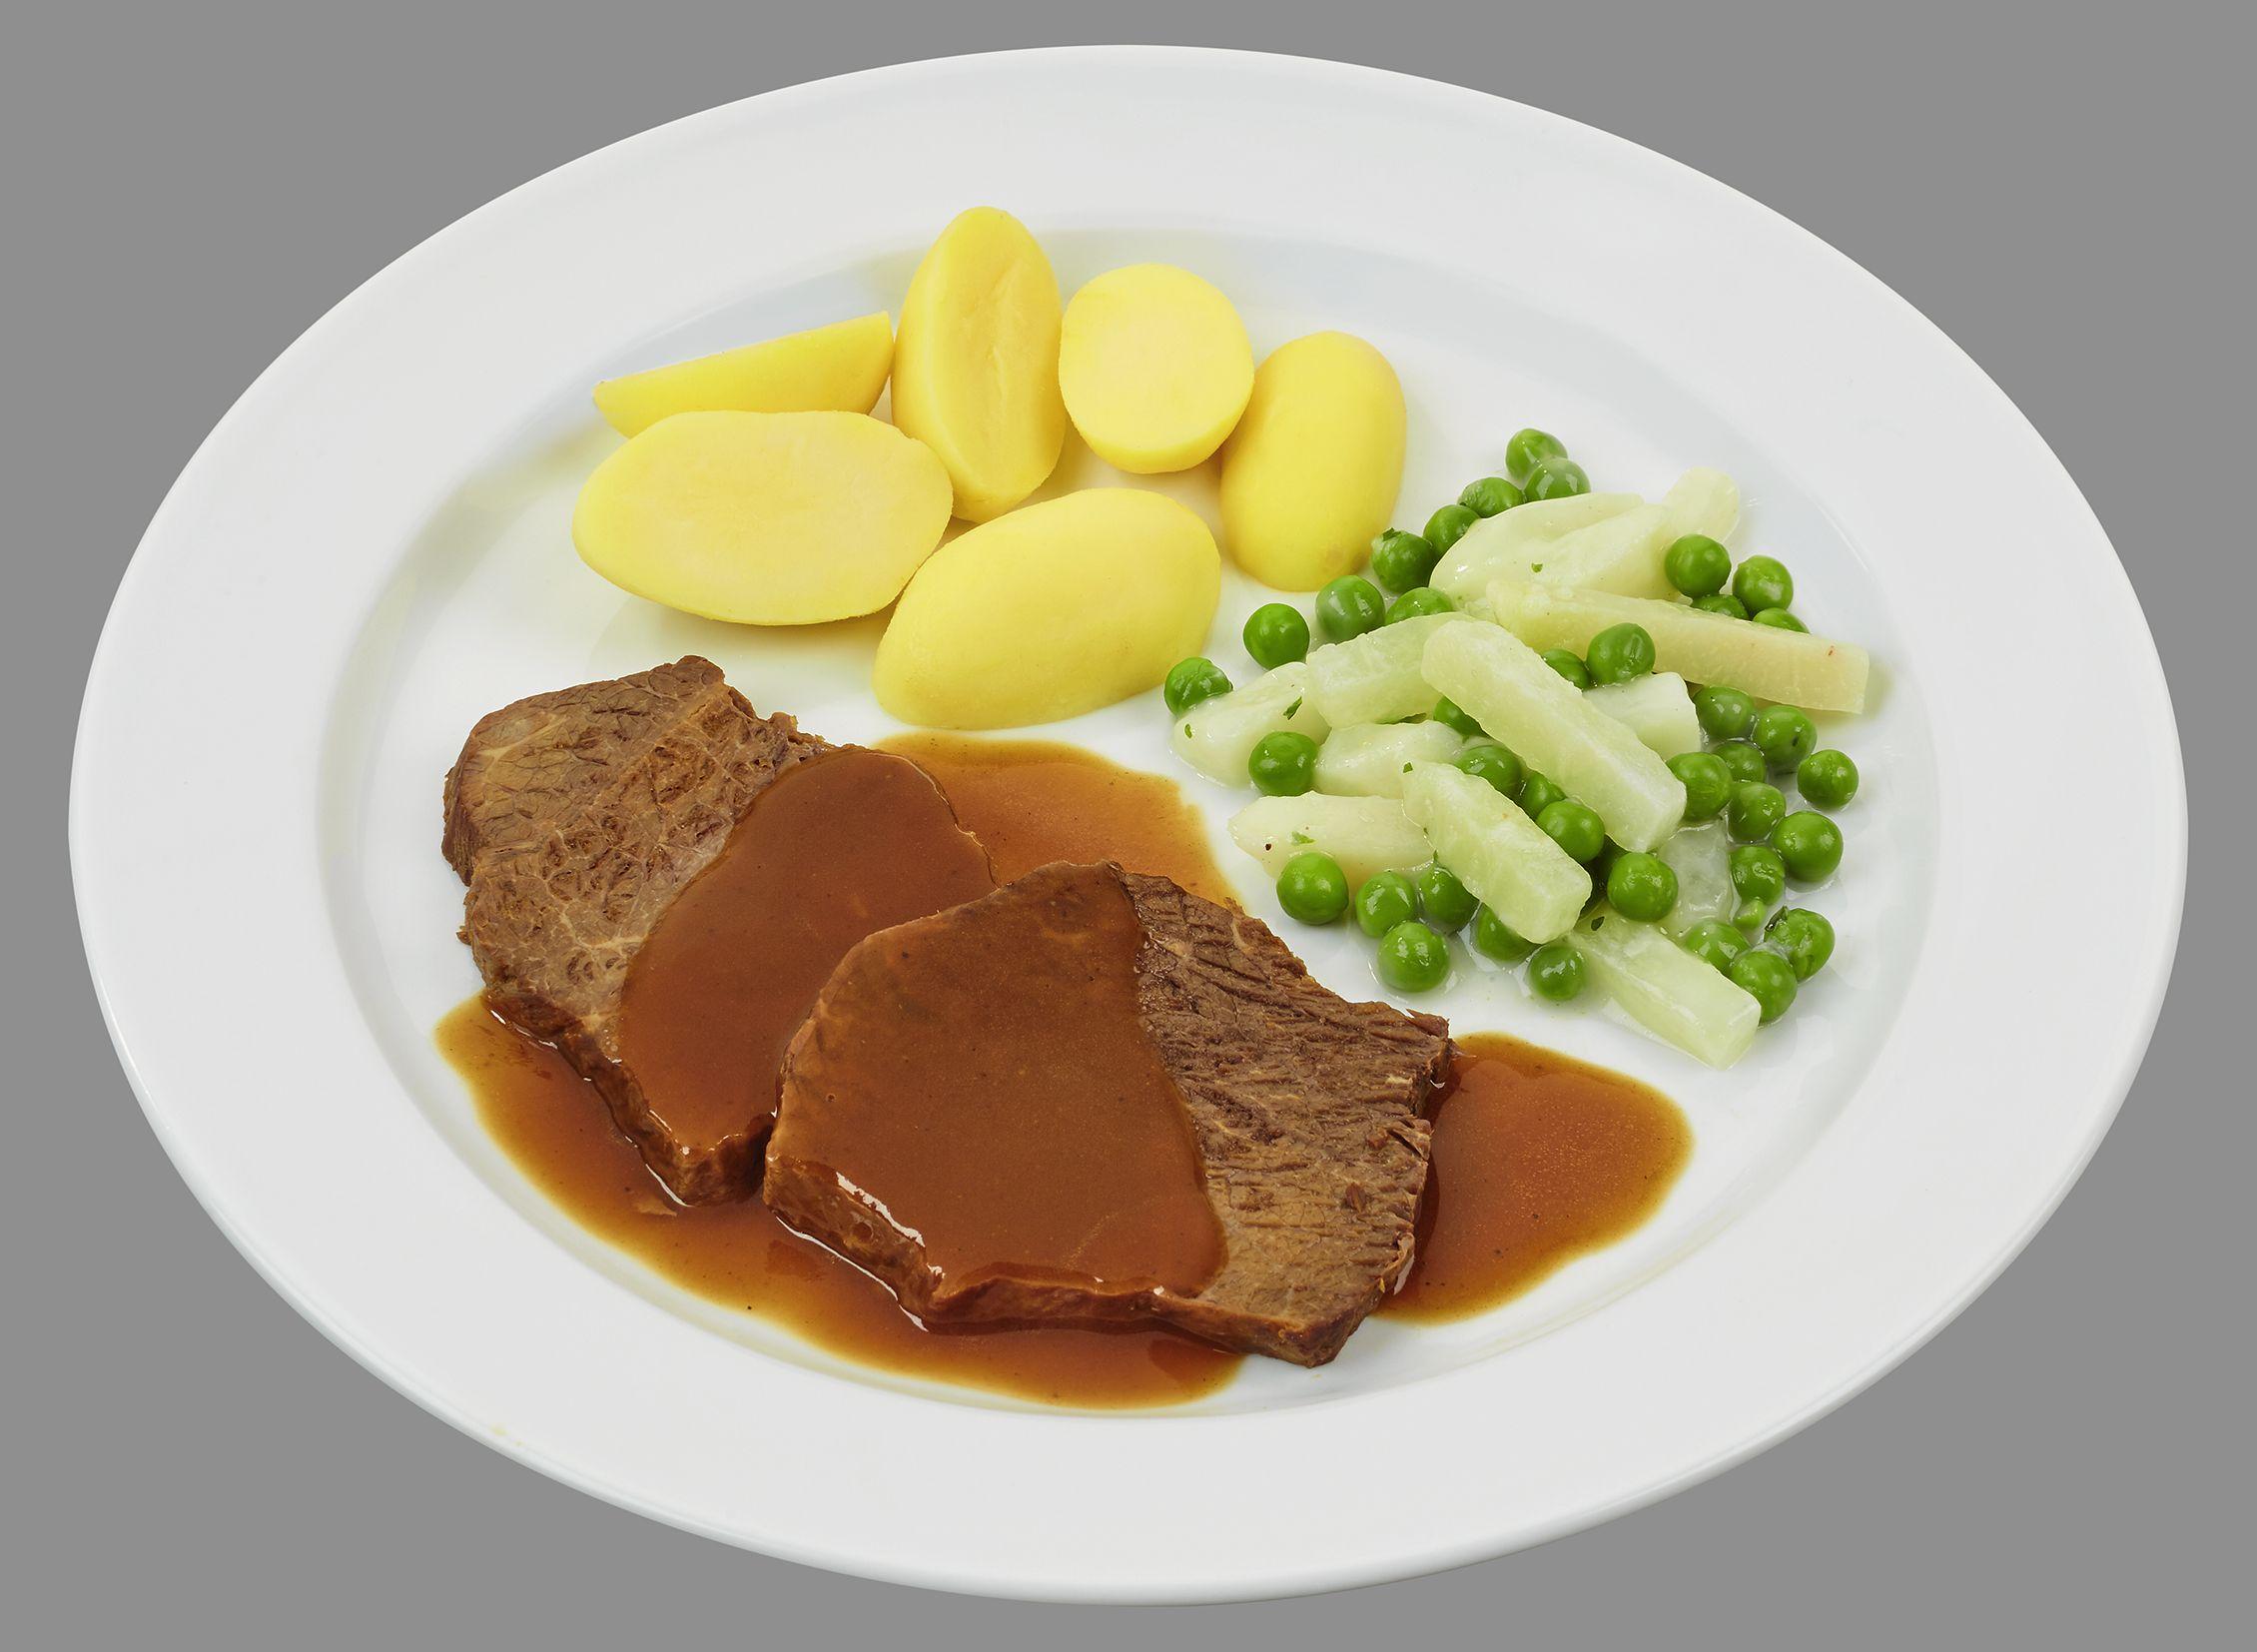 Feiner Rinderbraten in dunkler Bratensoße  mit Kohlrabi-Erbsen-Gemüse in cremiger Soße, dazu Salzkartoffeln